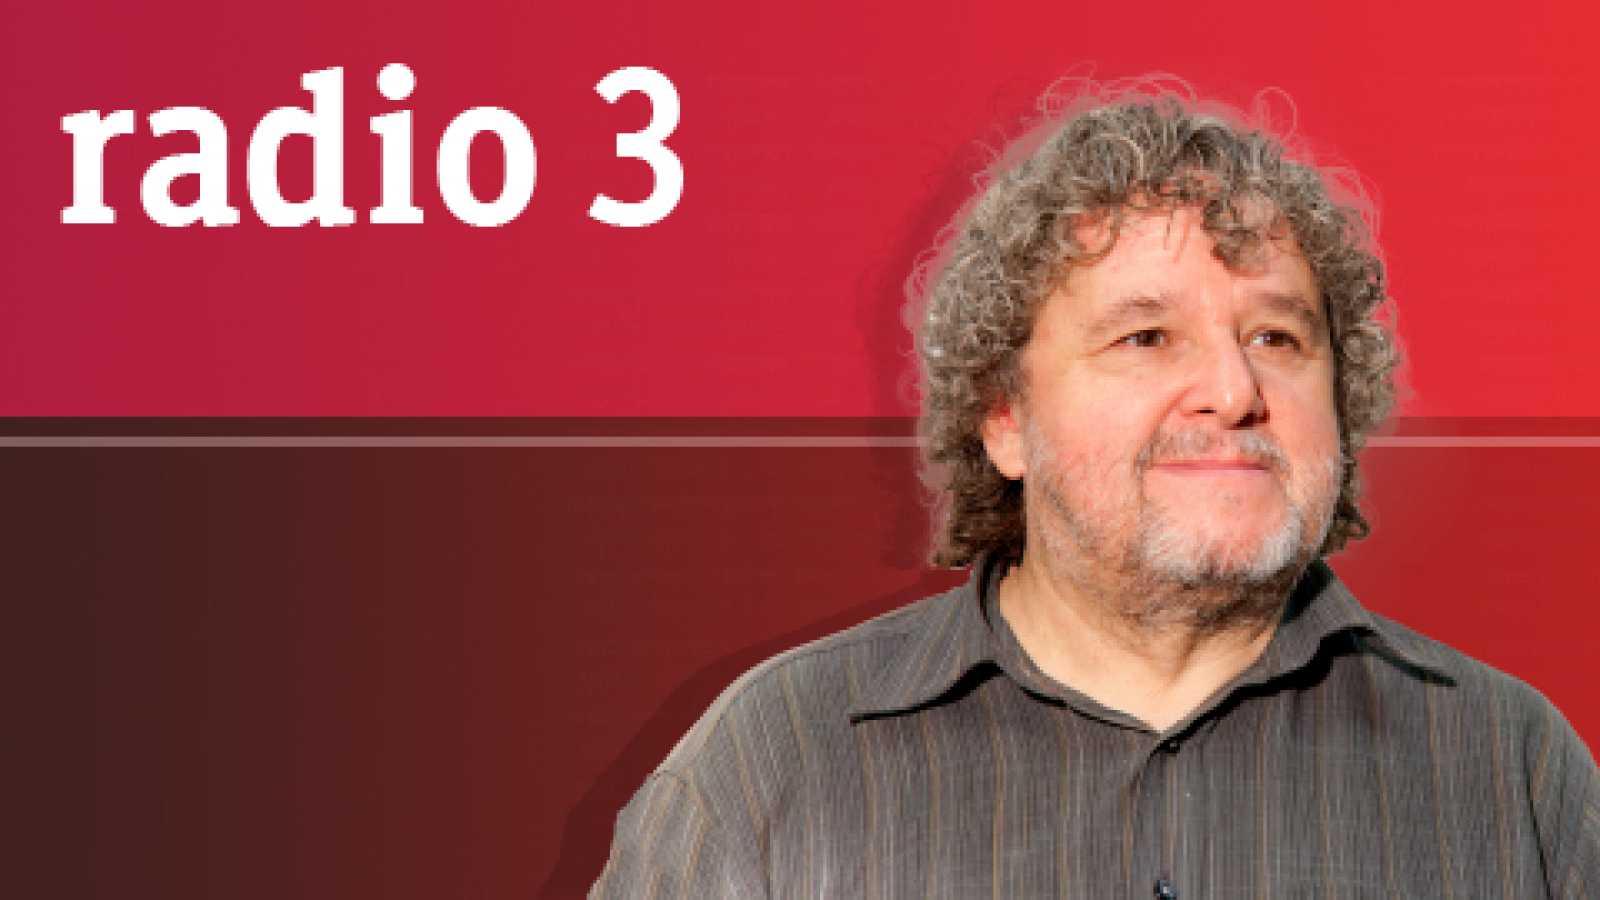 Disco grande - La resaca exitosa del paso de Pixies y Suede - 11/11/13 - escuchar ahora